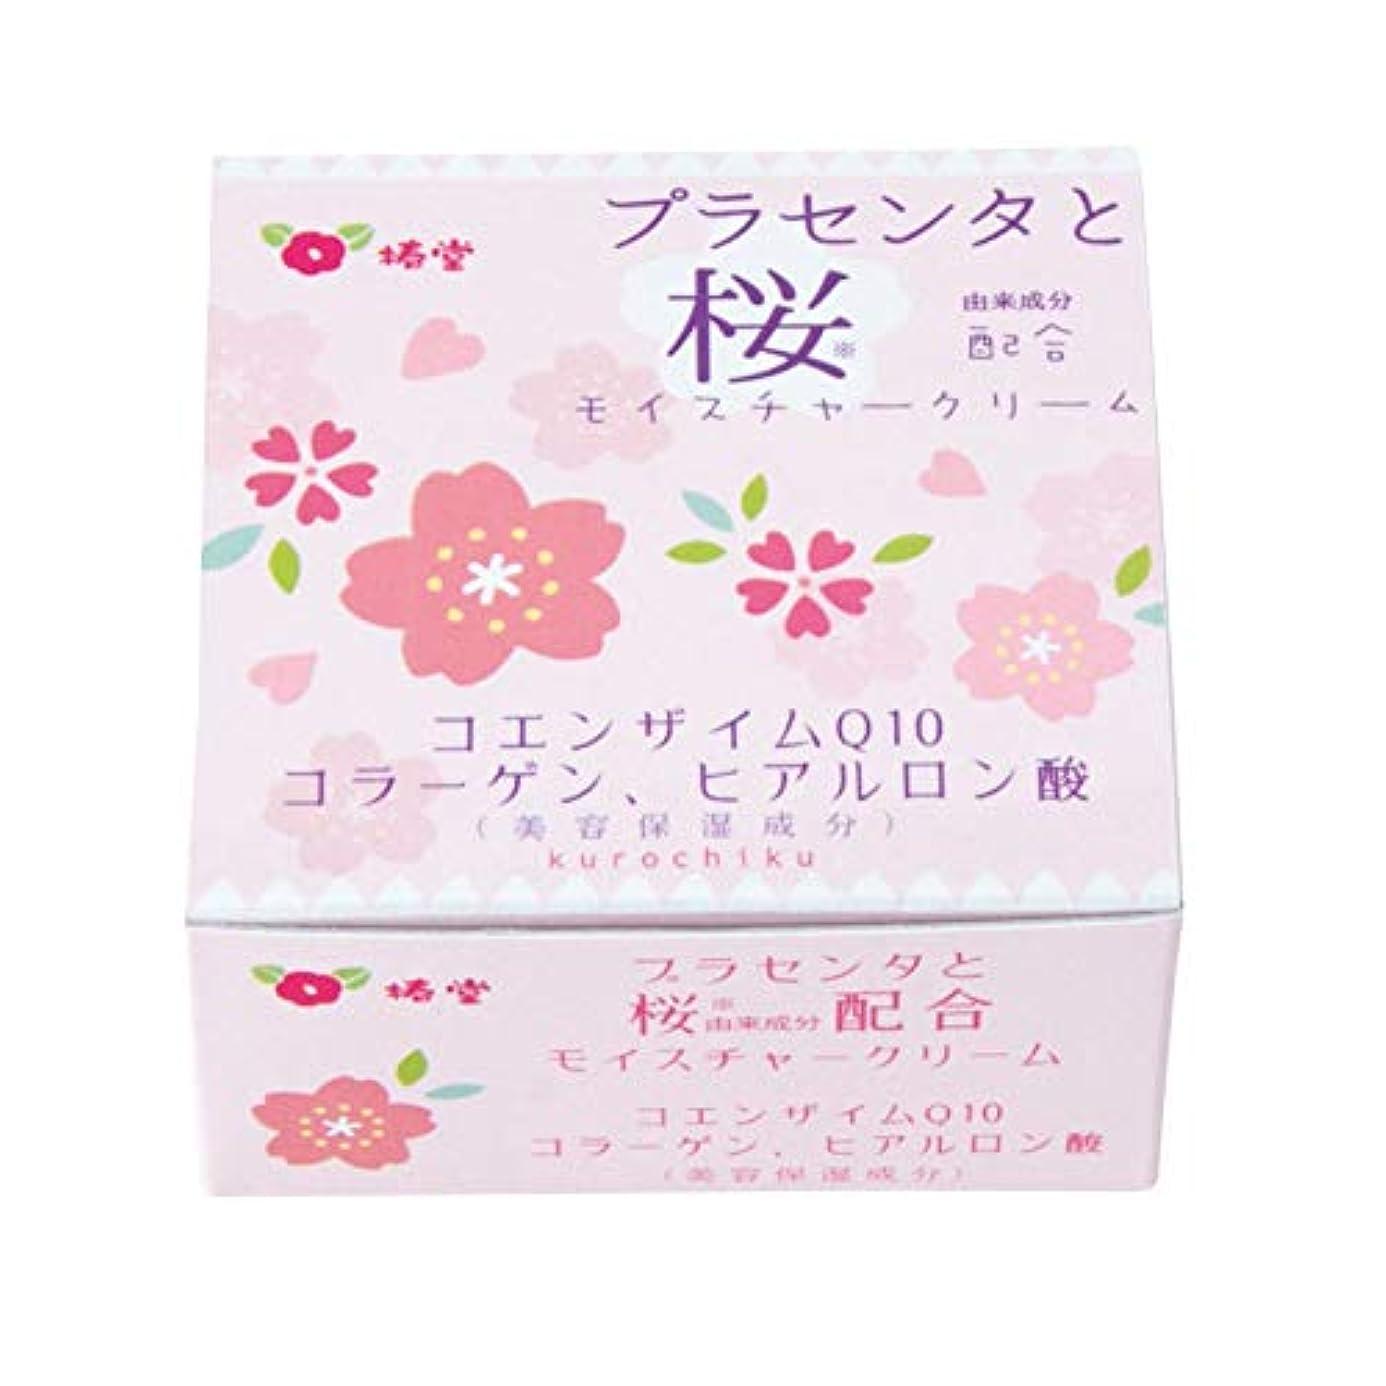 問い合わせる便益無視椿堂 桜モイスチャークリーム (プラセンタと桜) 京都くろちく